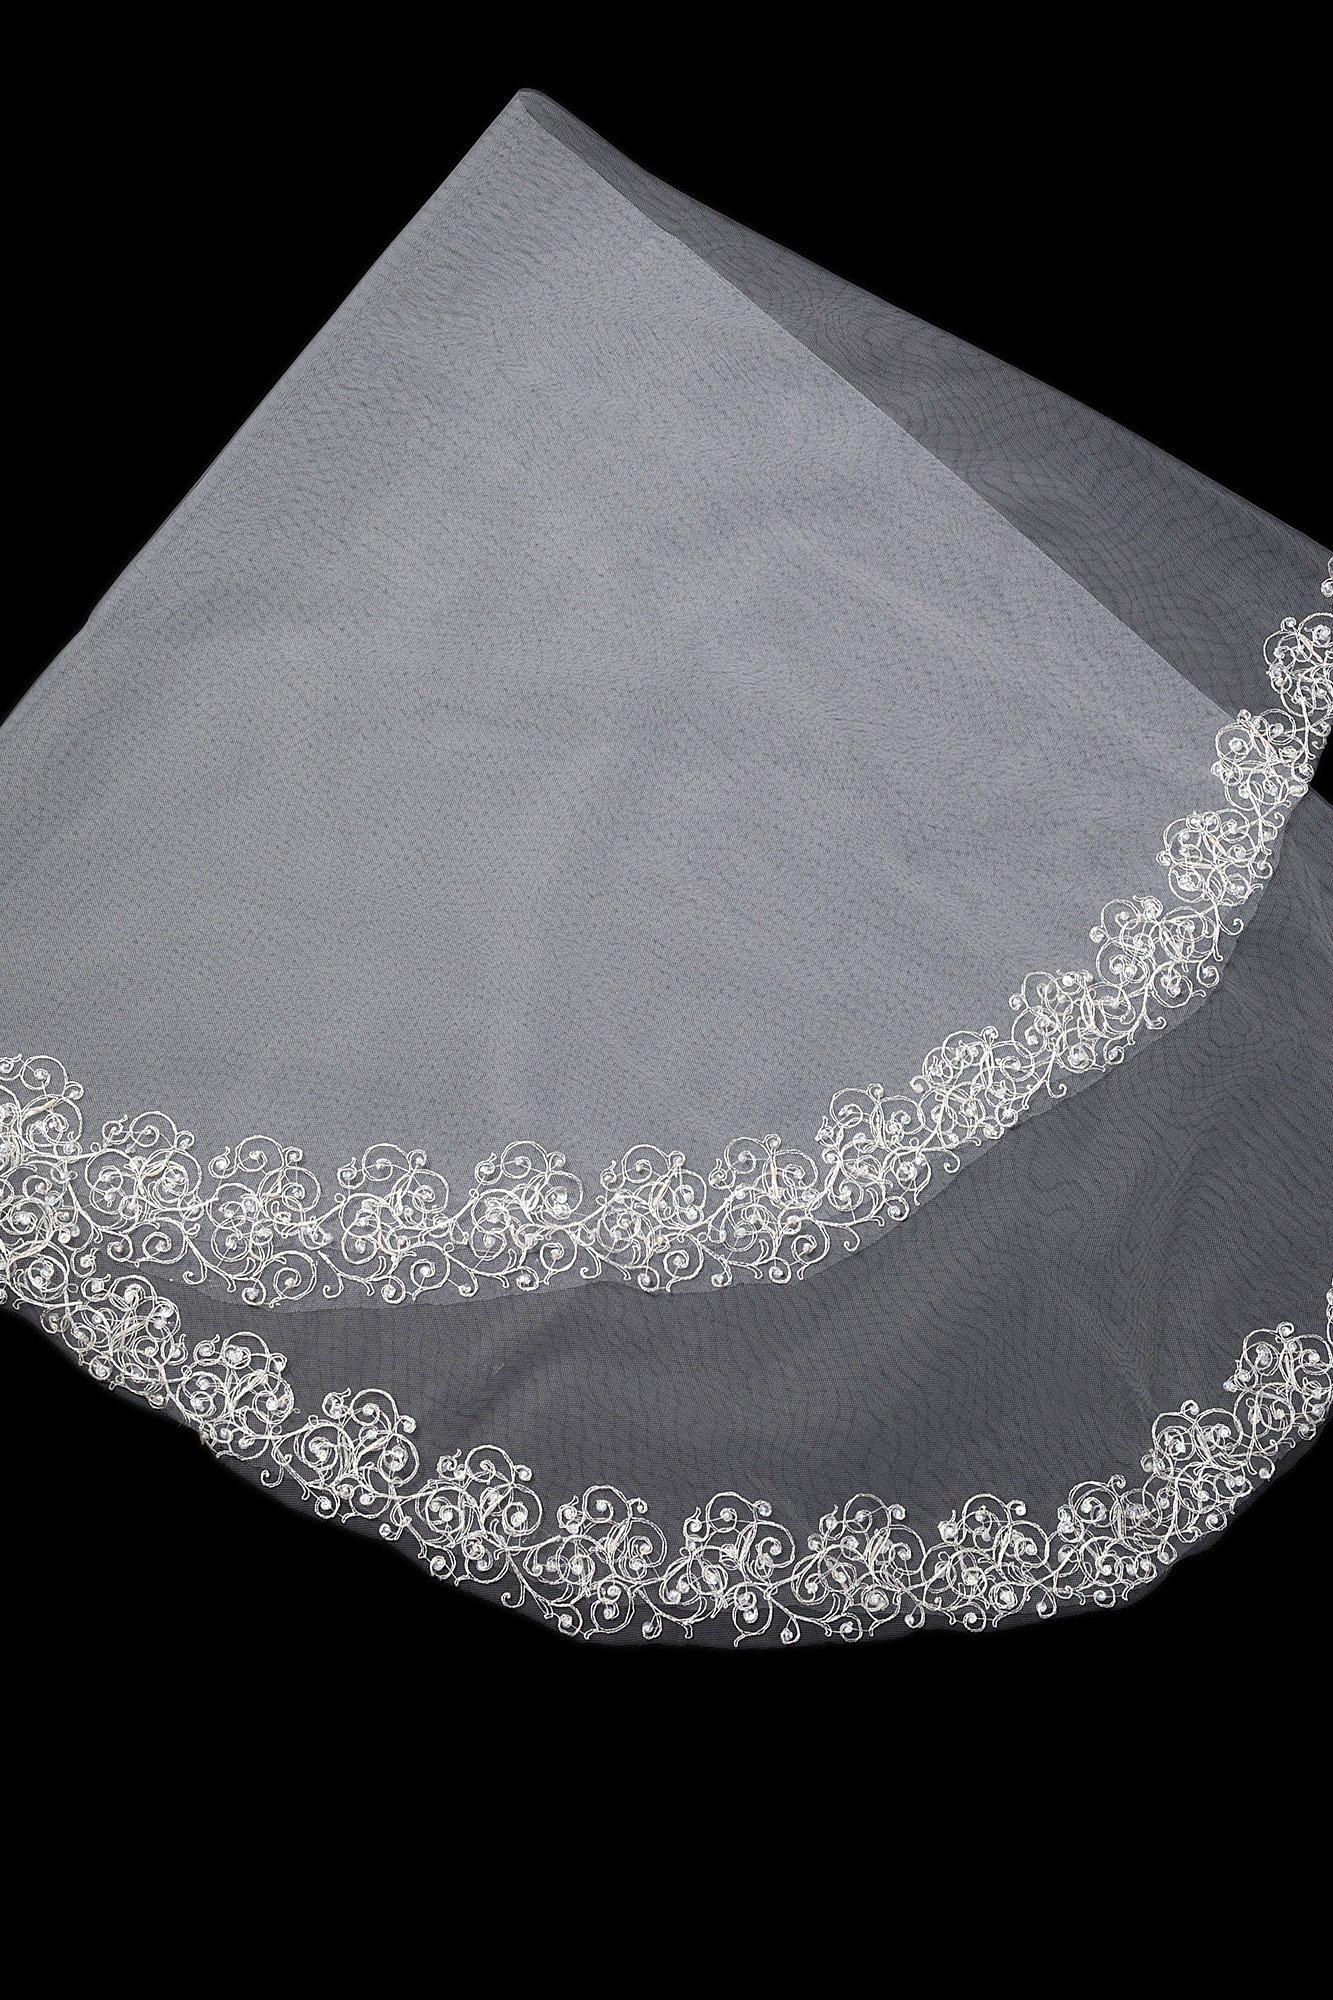 Романтичная белая фата, украшенная по краям вышивкой.